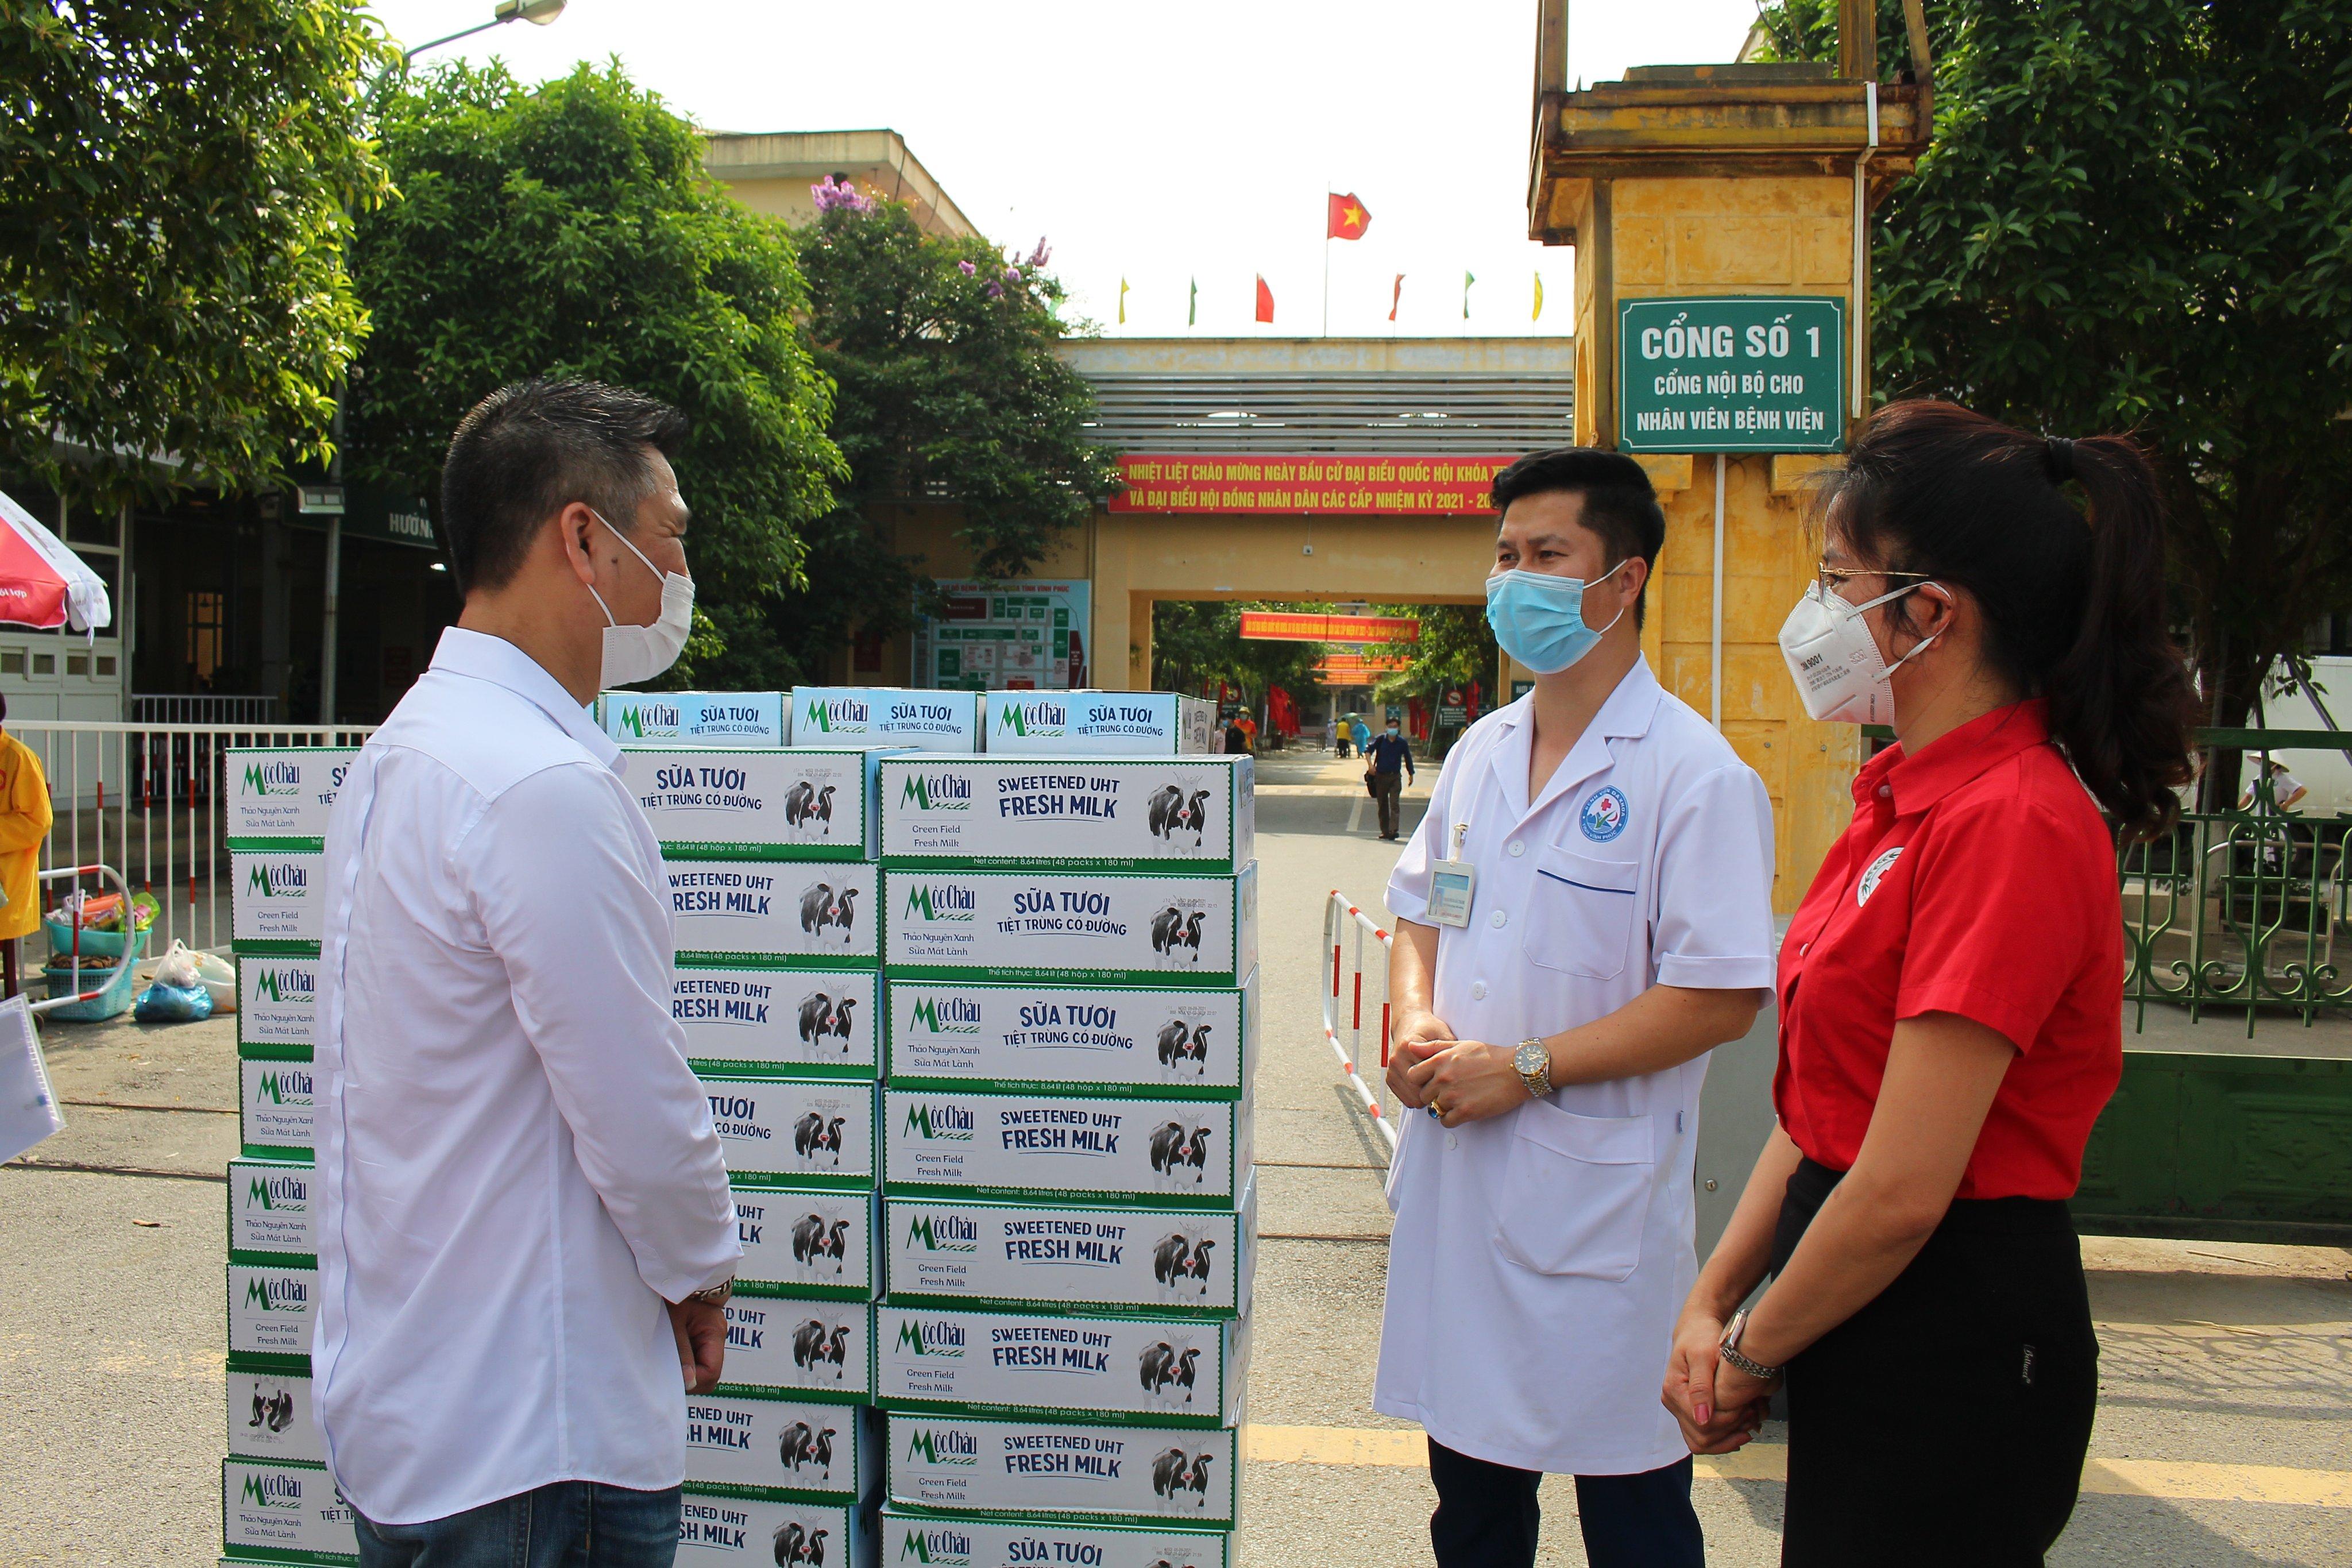 Mộc Châu Milk hỗ trợ hơn 50.000 sản phẩm sữa cho lực lượng tuyến đầu và người dân nơi tâm dịch Covid-19 8